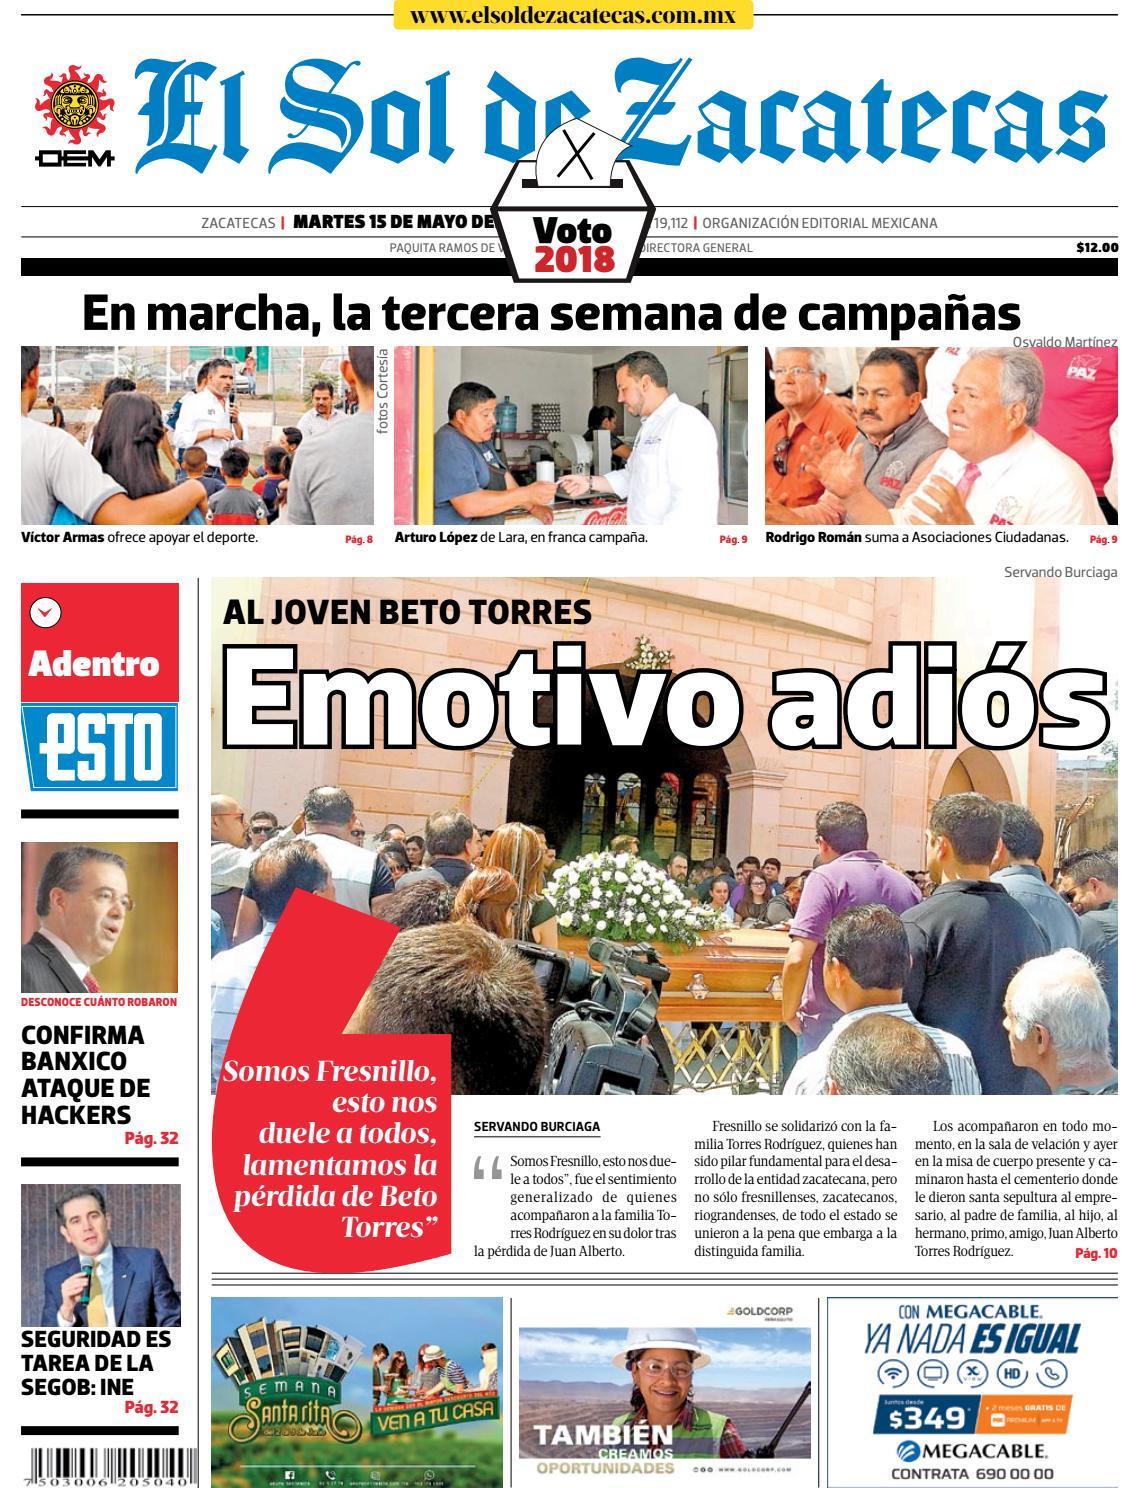 2bd77b6b1 El Sol de Zacatecas 15 de mayo 2018 by El Sol de Zacatecas - issuu